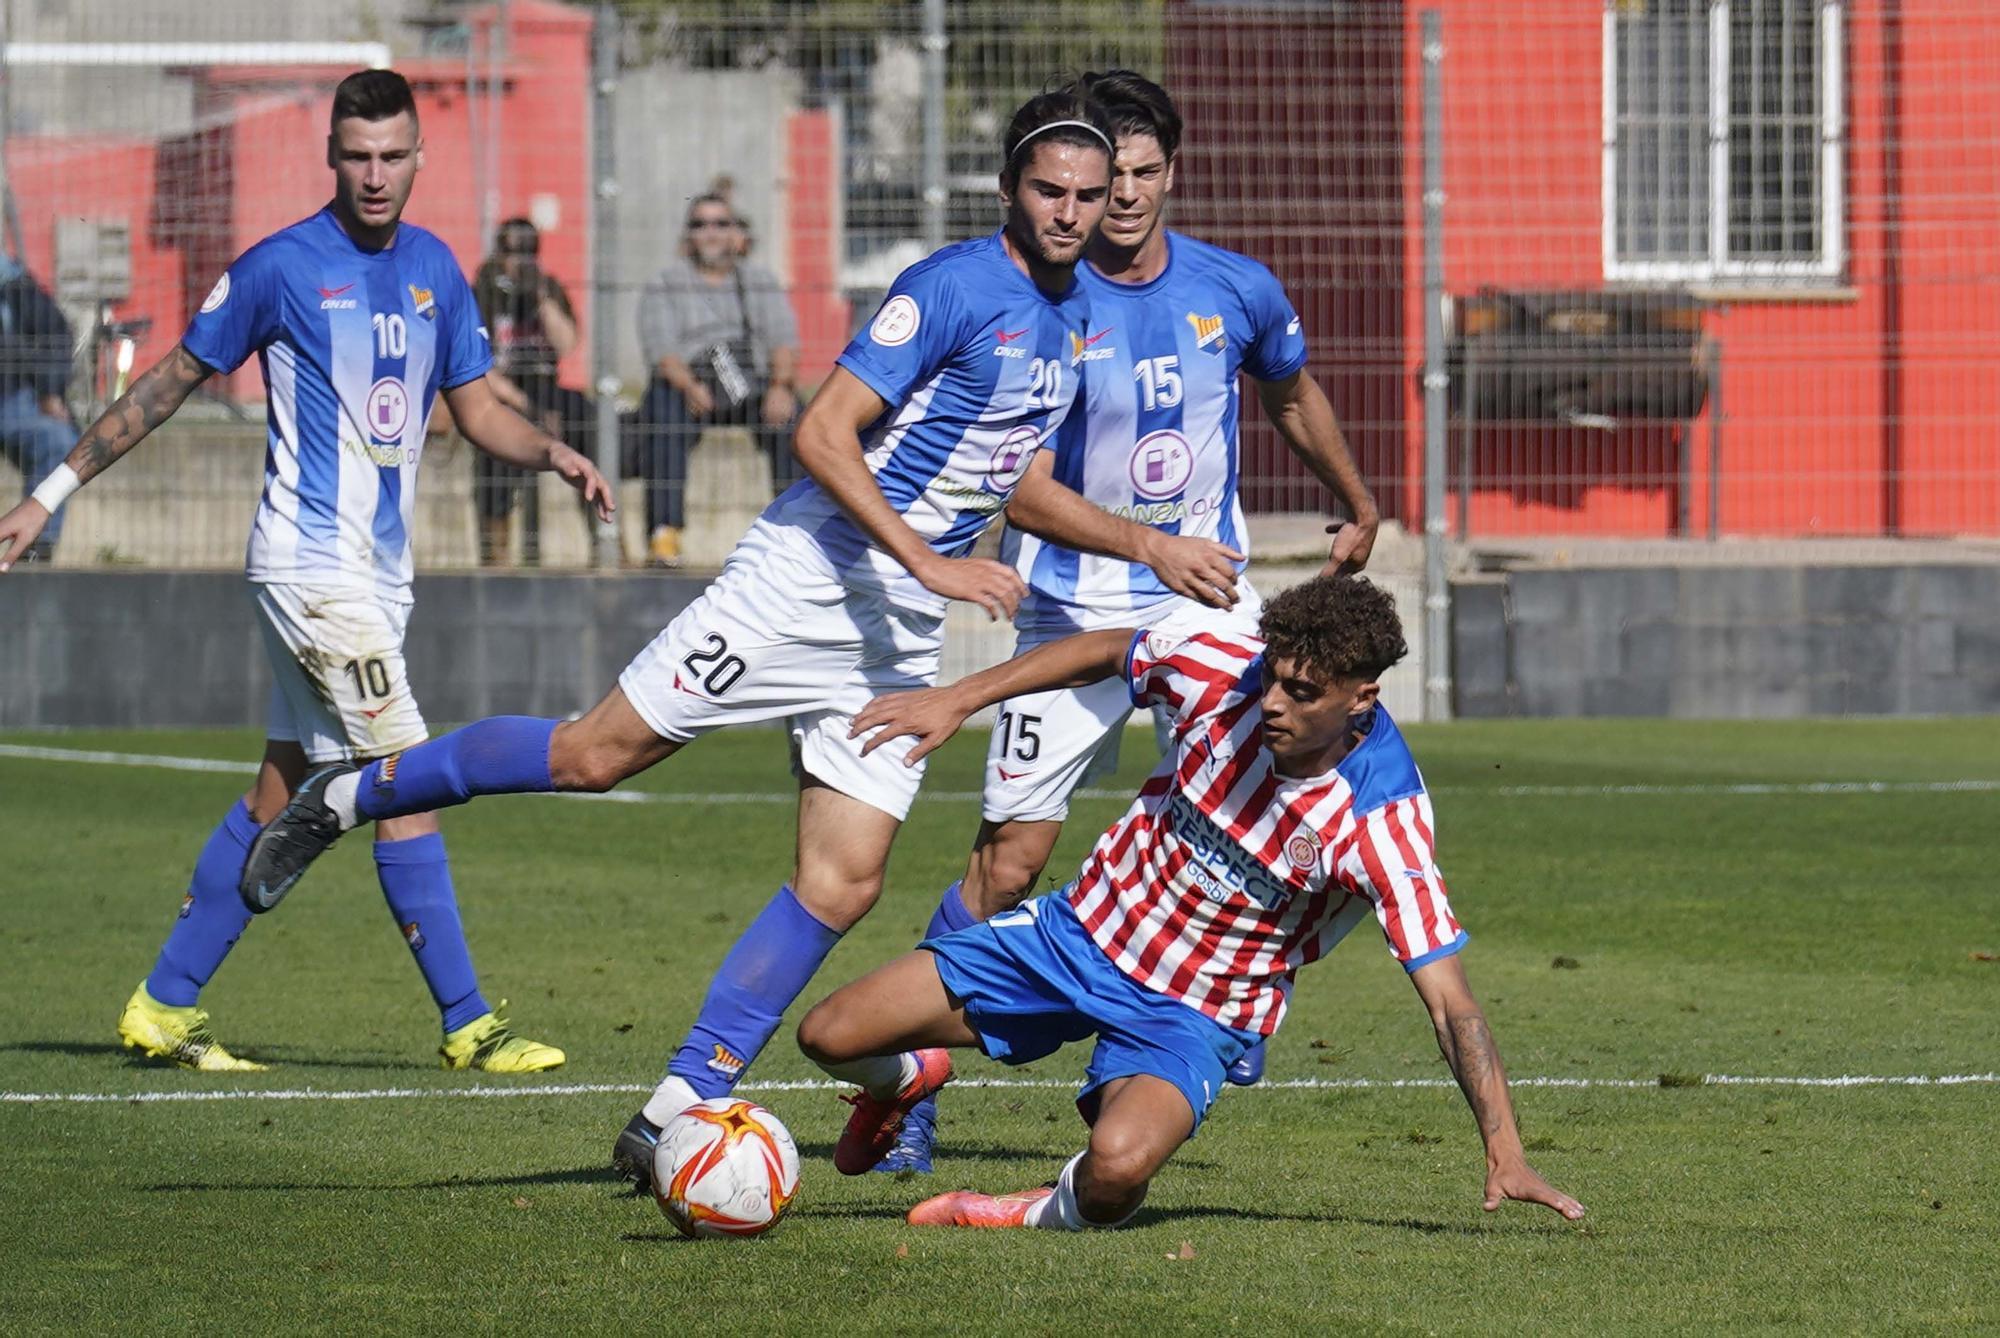 Un efectiu Figueres dona la sorpresa i s'apunta el derbi davant el Girona B